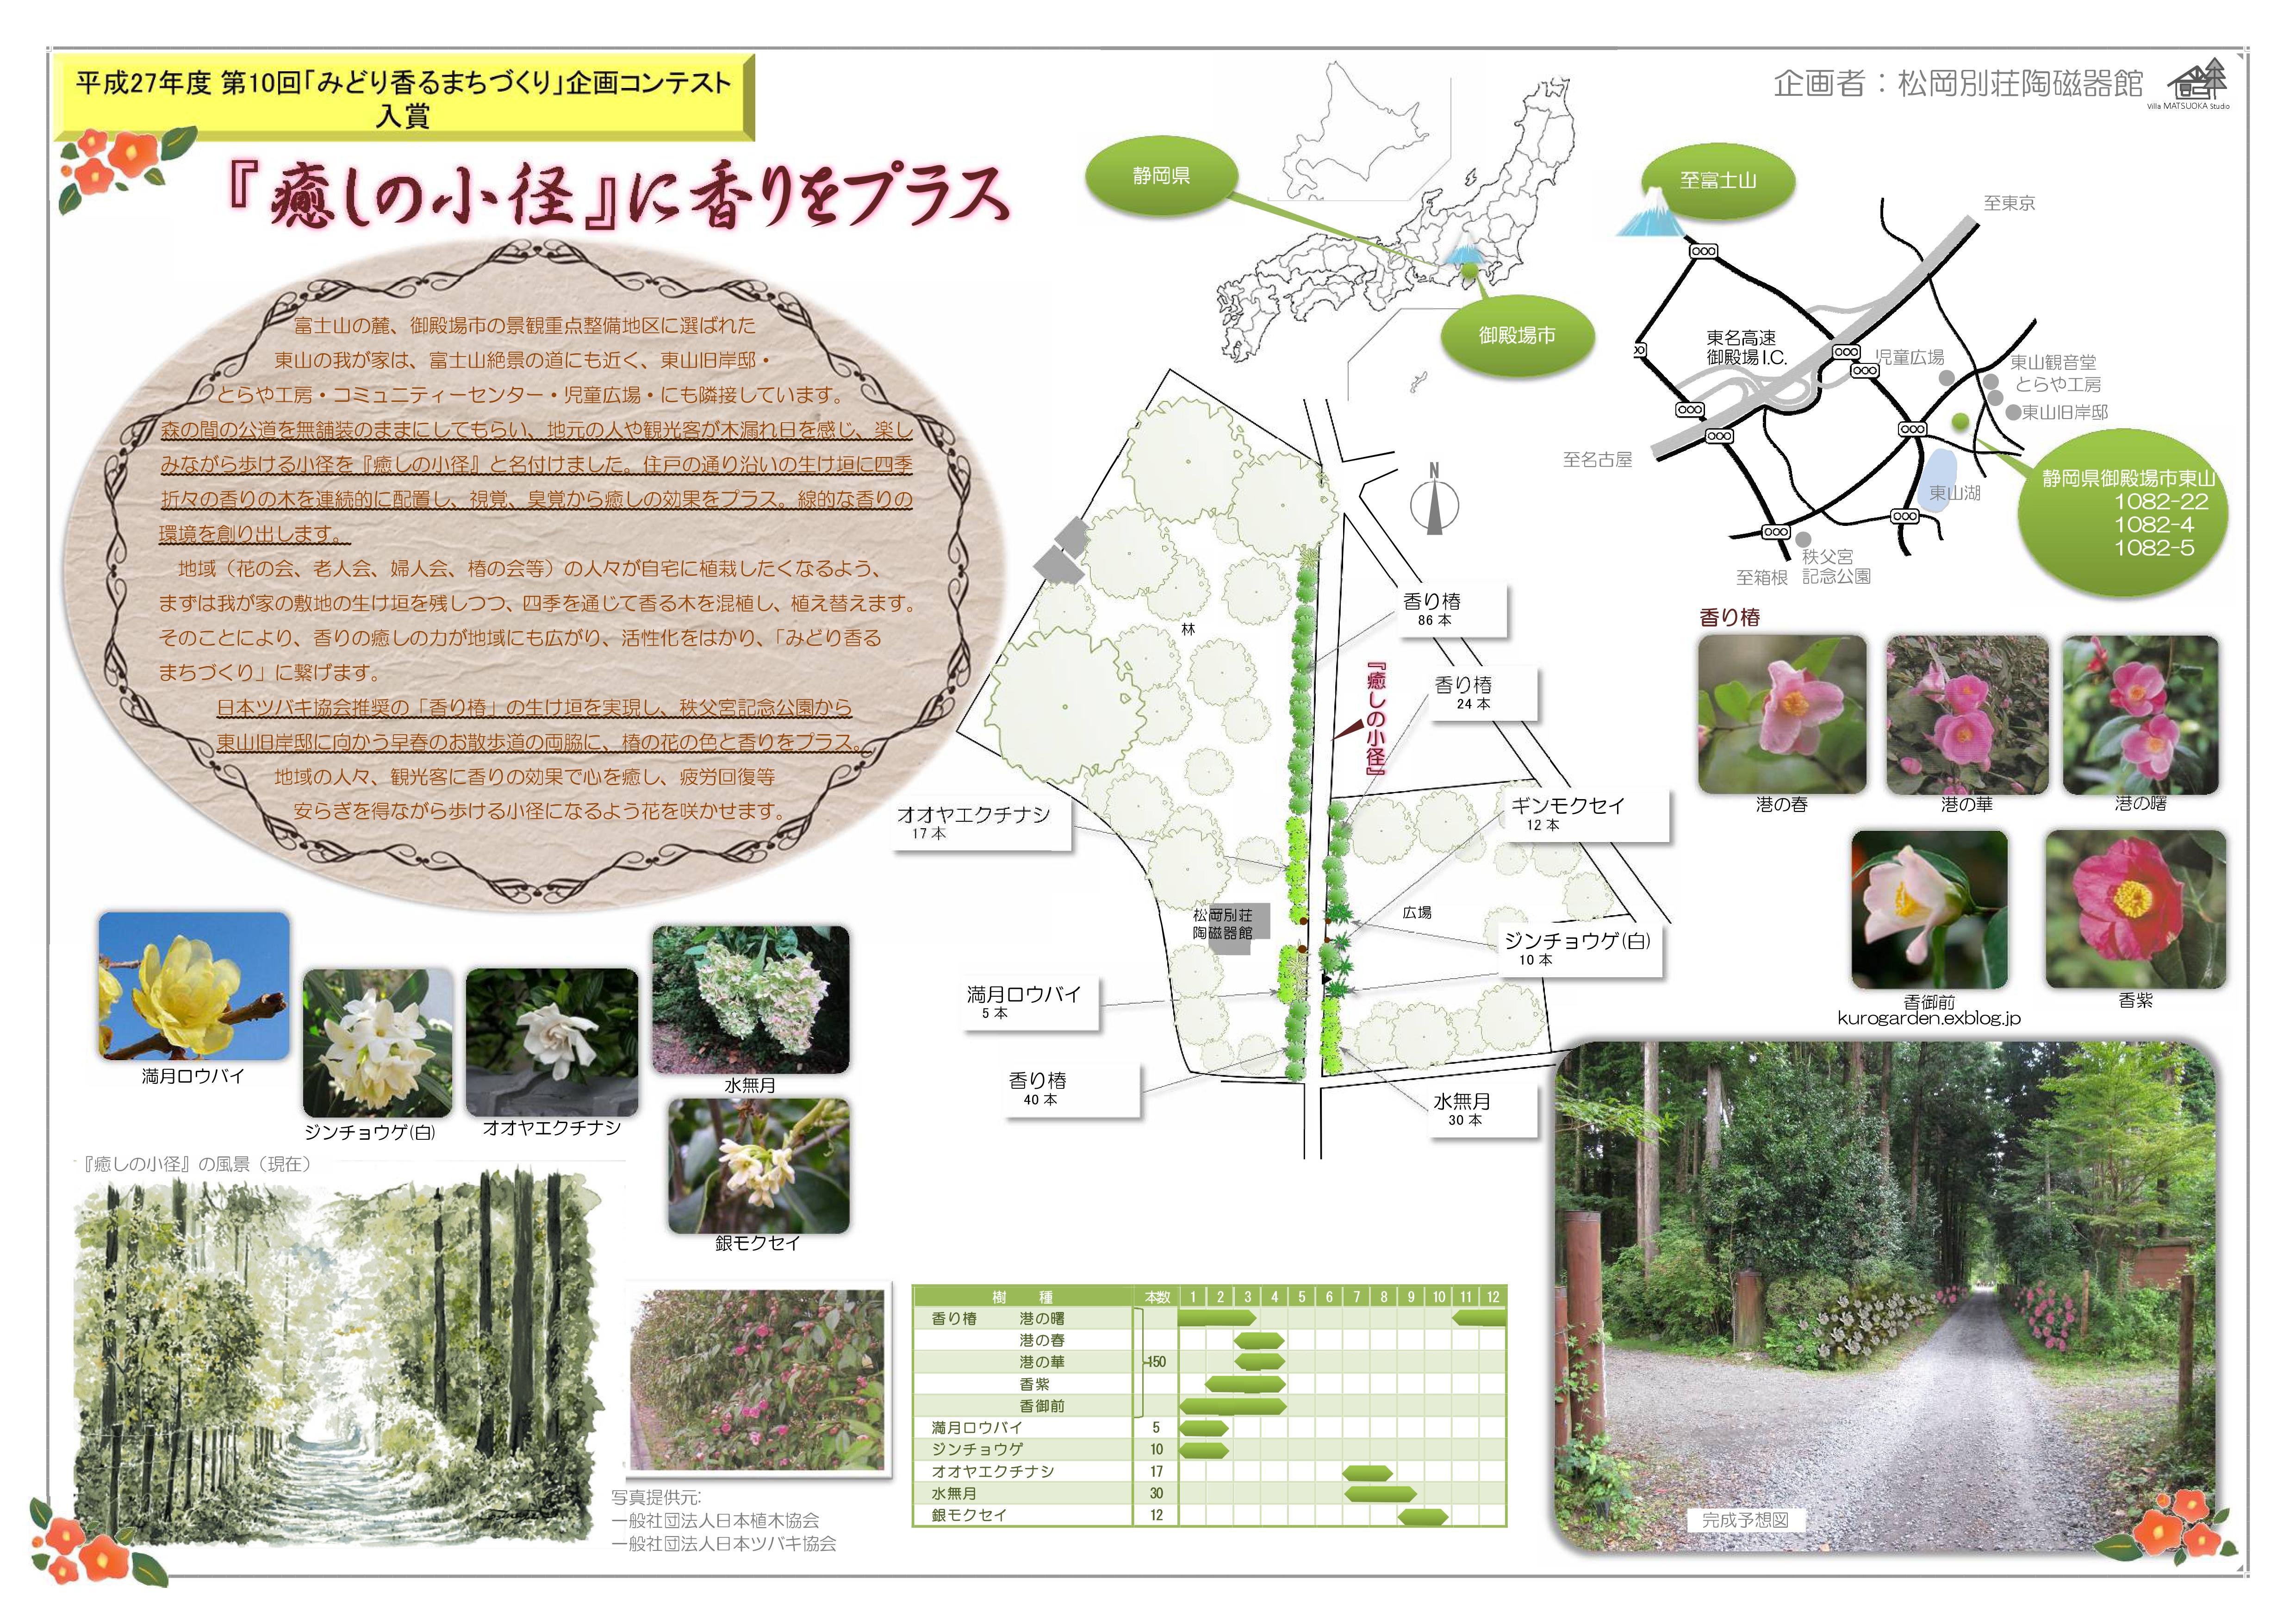 癒しの小径企画 御殿場つばきガーデンH27.